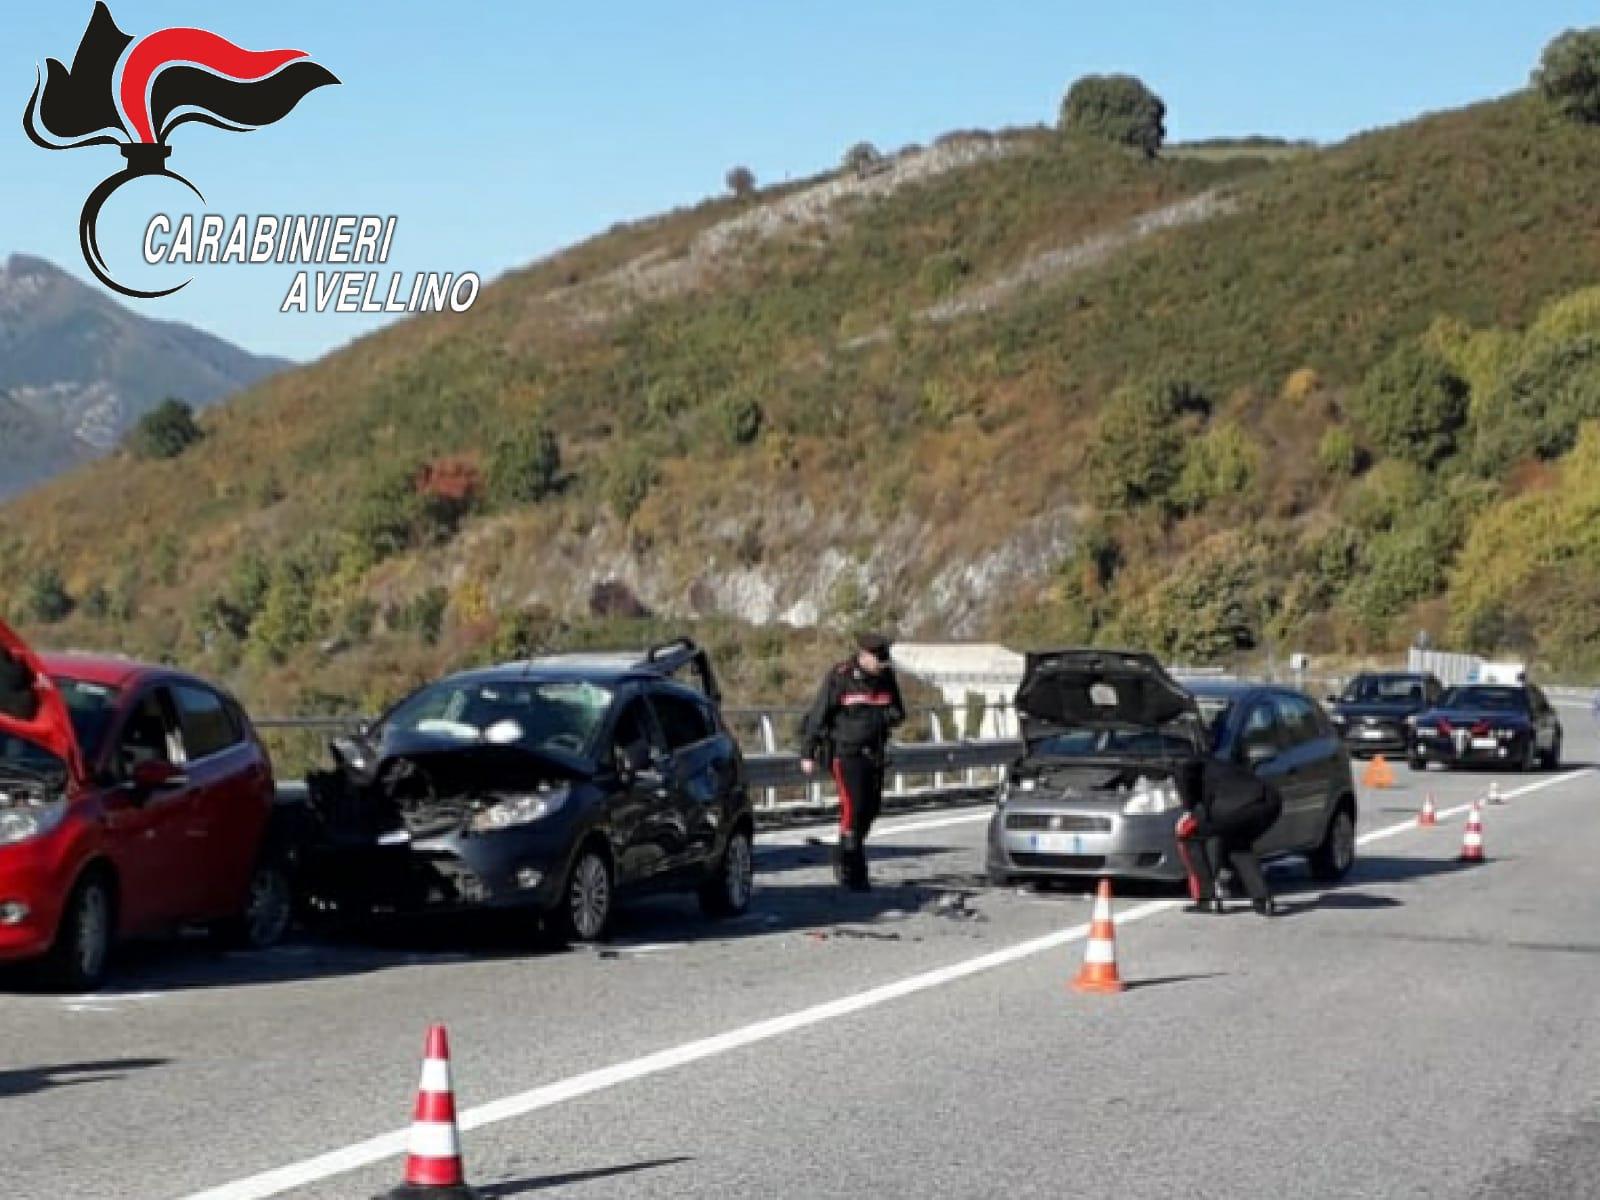 Montemarano  Tragedia sulla statale 7 bis, si fermano a soccorrere un automobilista e vengono investiti: morti 2 uomini sbalzati giù dal ponte